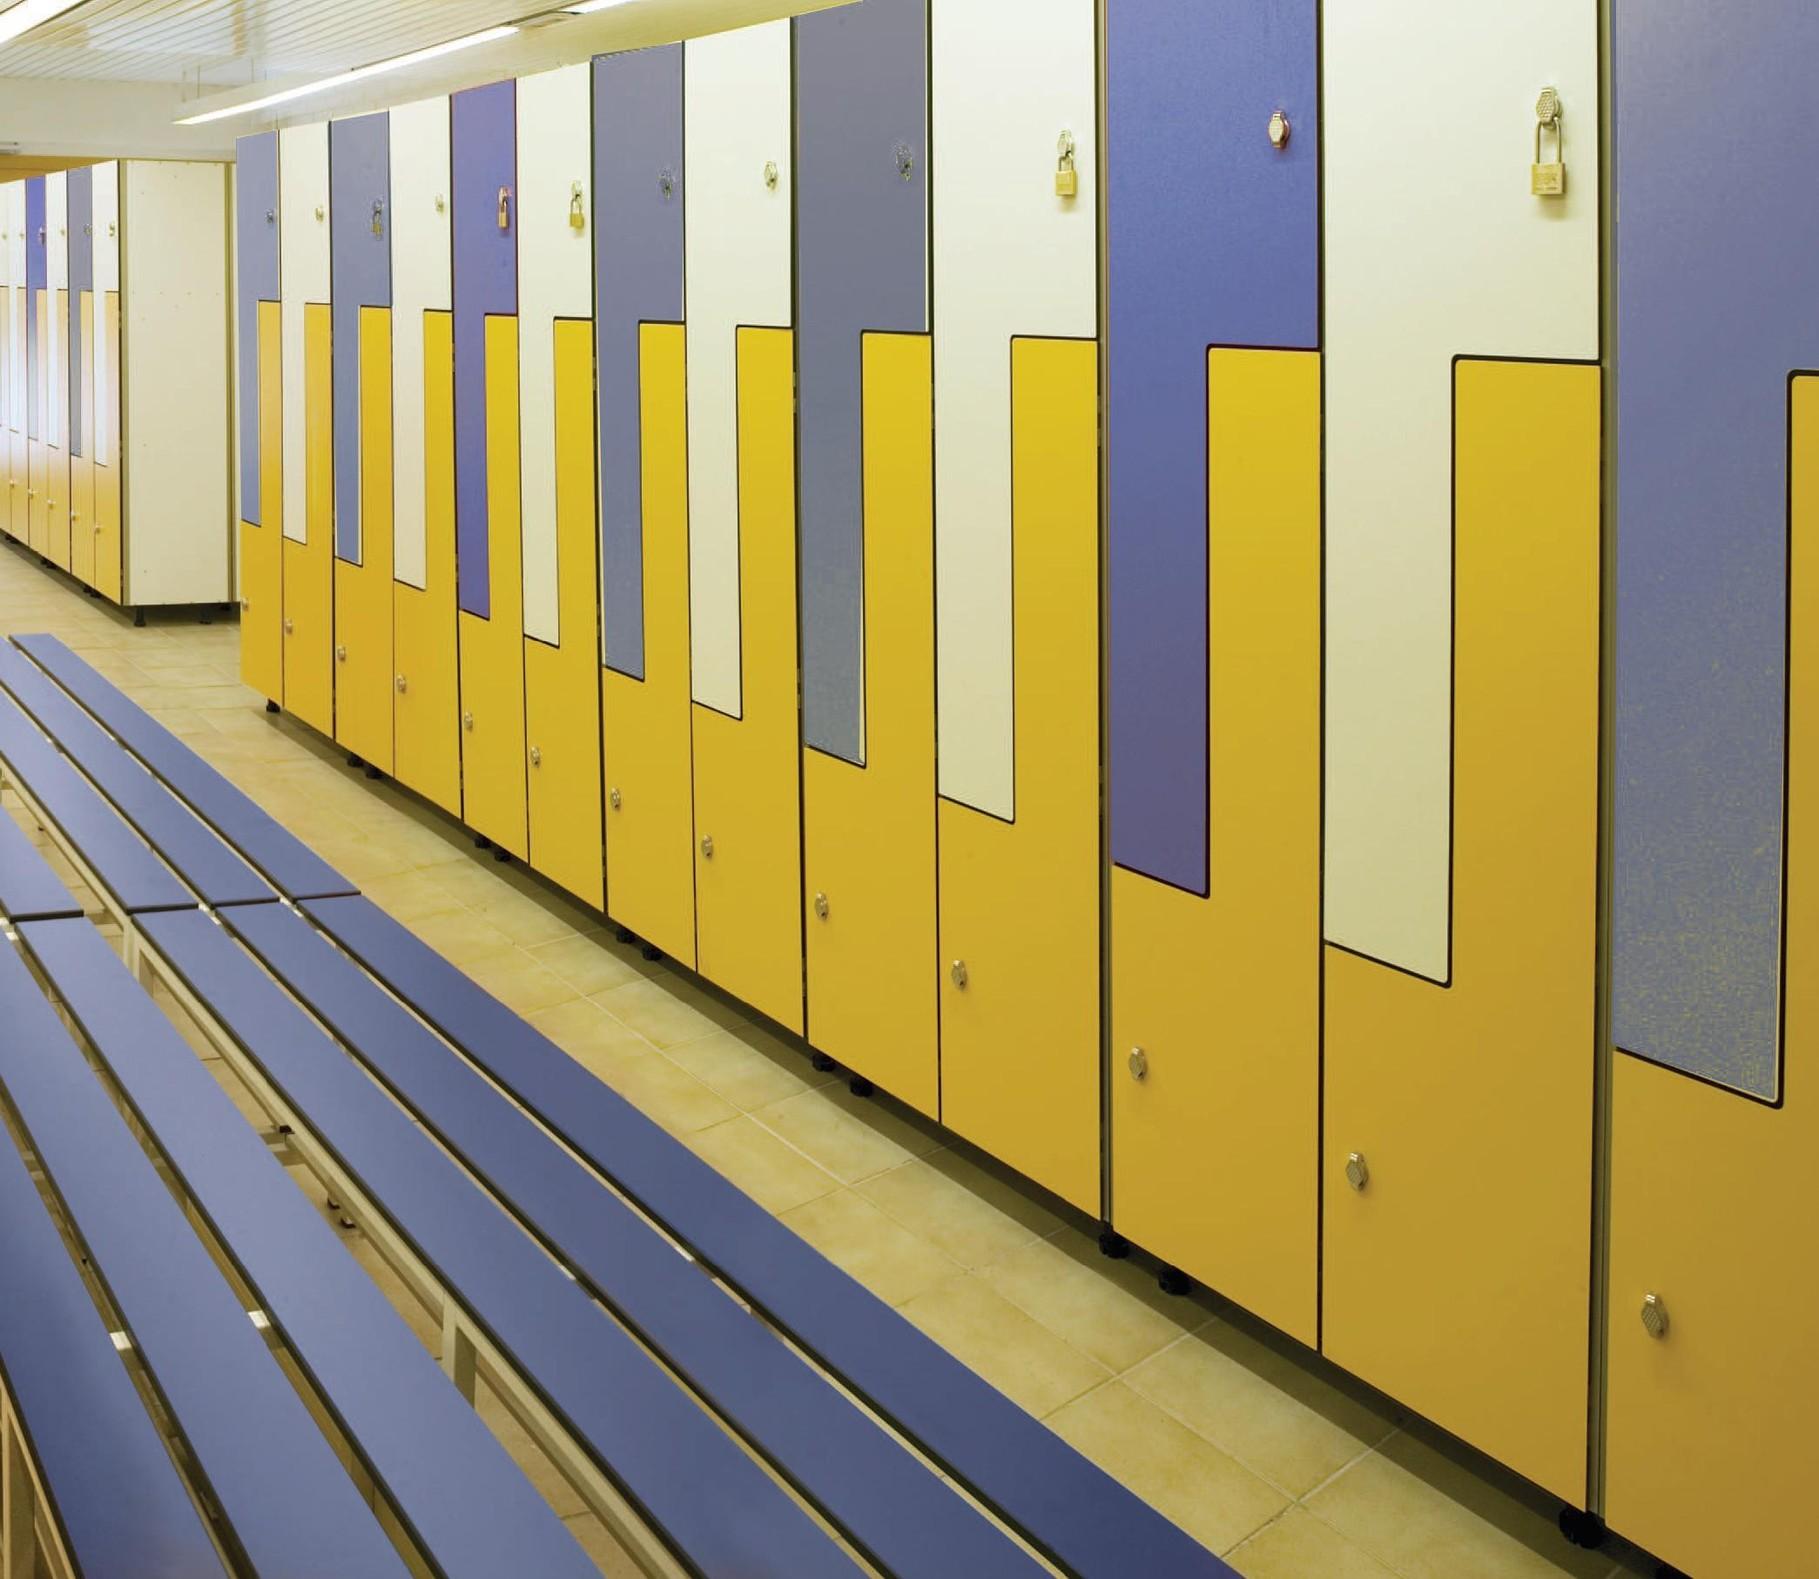 Taquillas bancos vestuarios equipamiento centros for Precio taquillas vestuarios